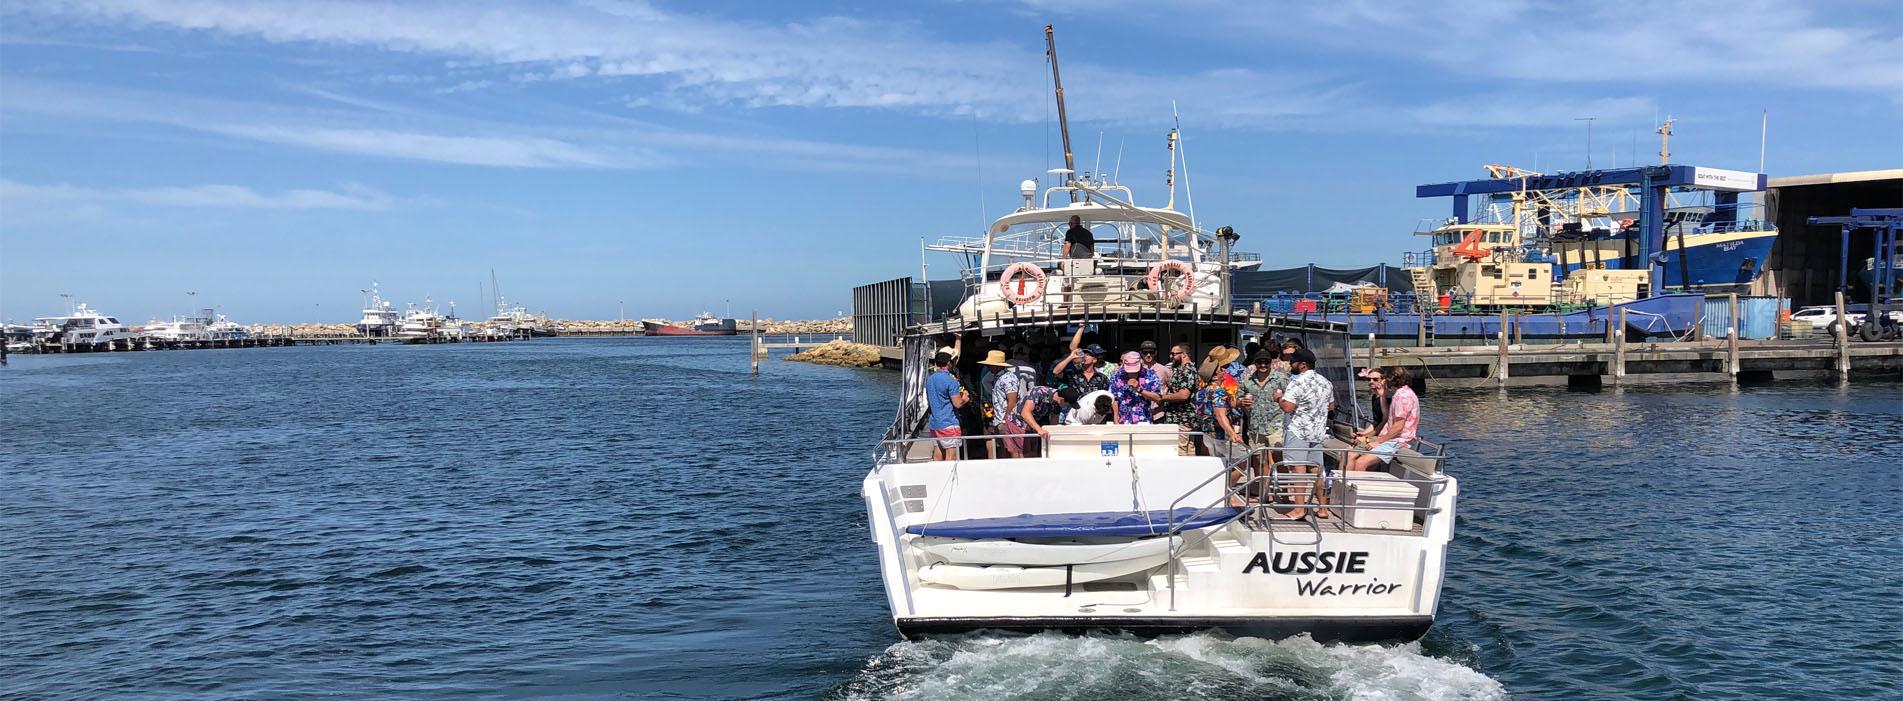 AUSSIE WARRIOR boat charter Sardine Jetty departure